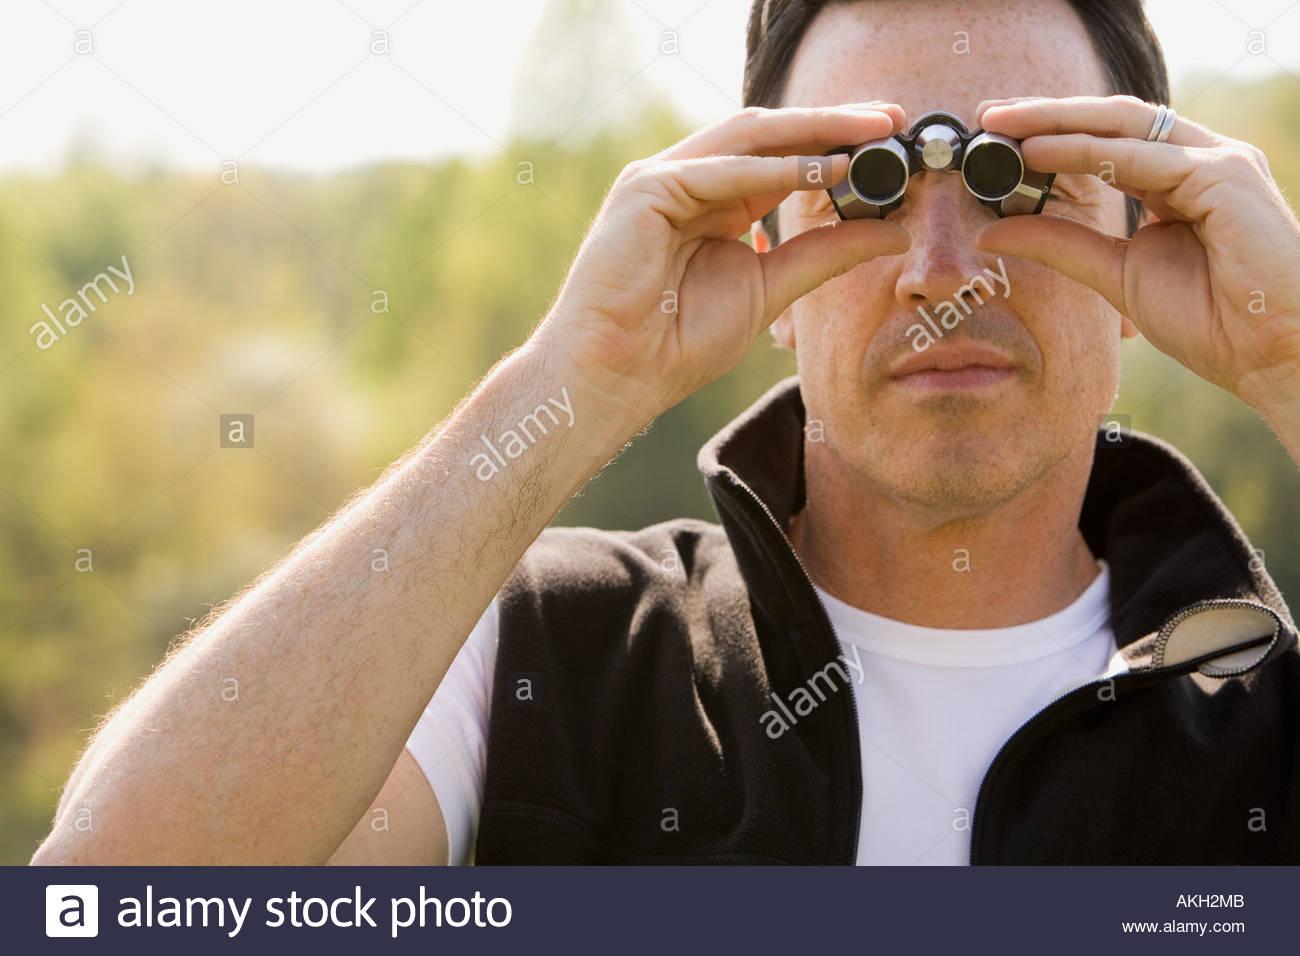 Man looking through binoculars - Stock Image